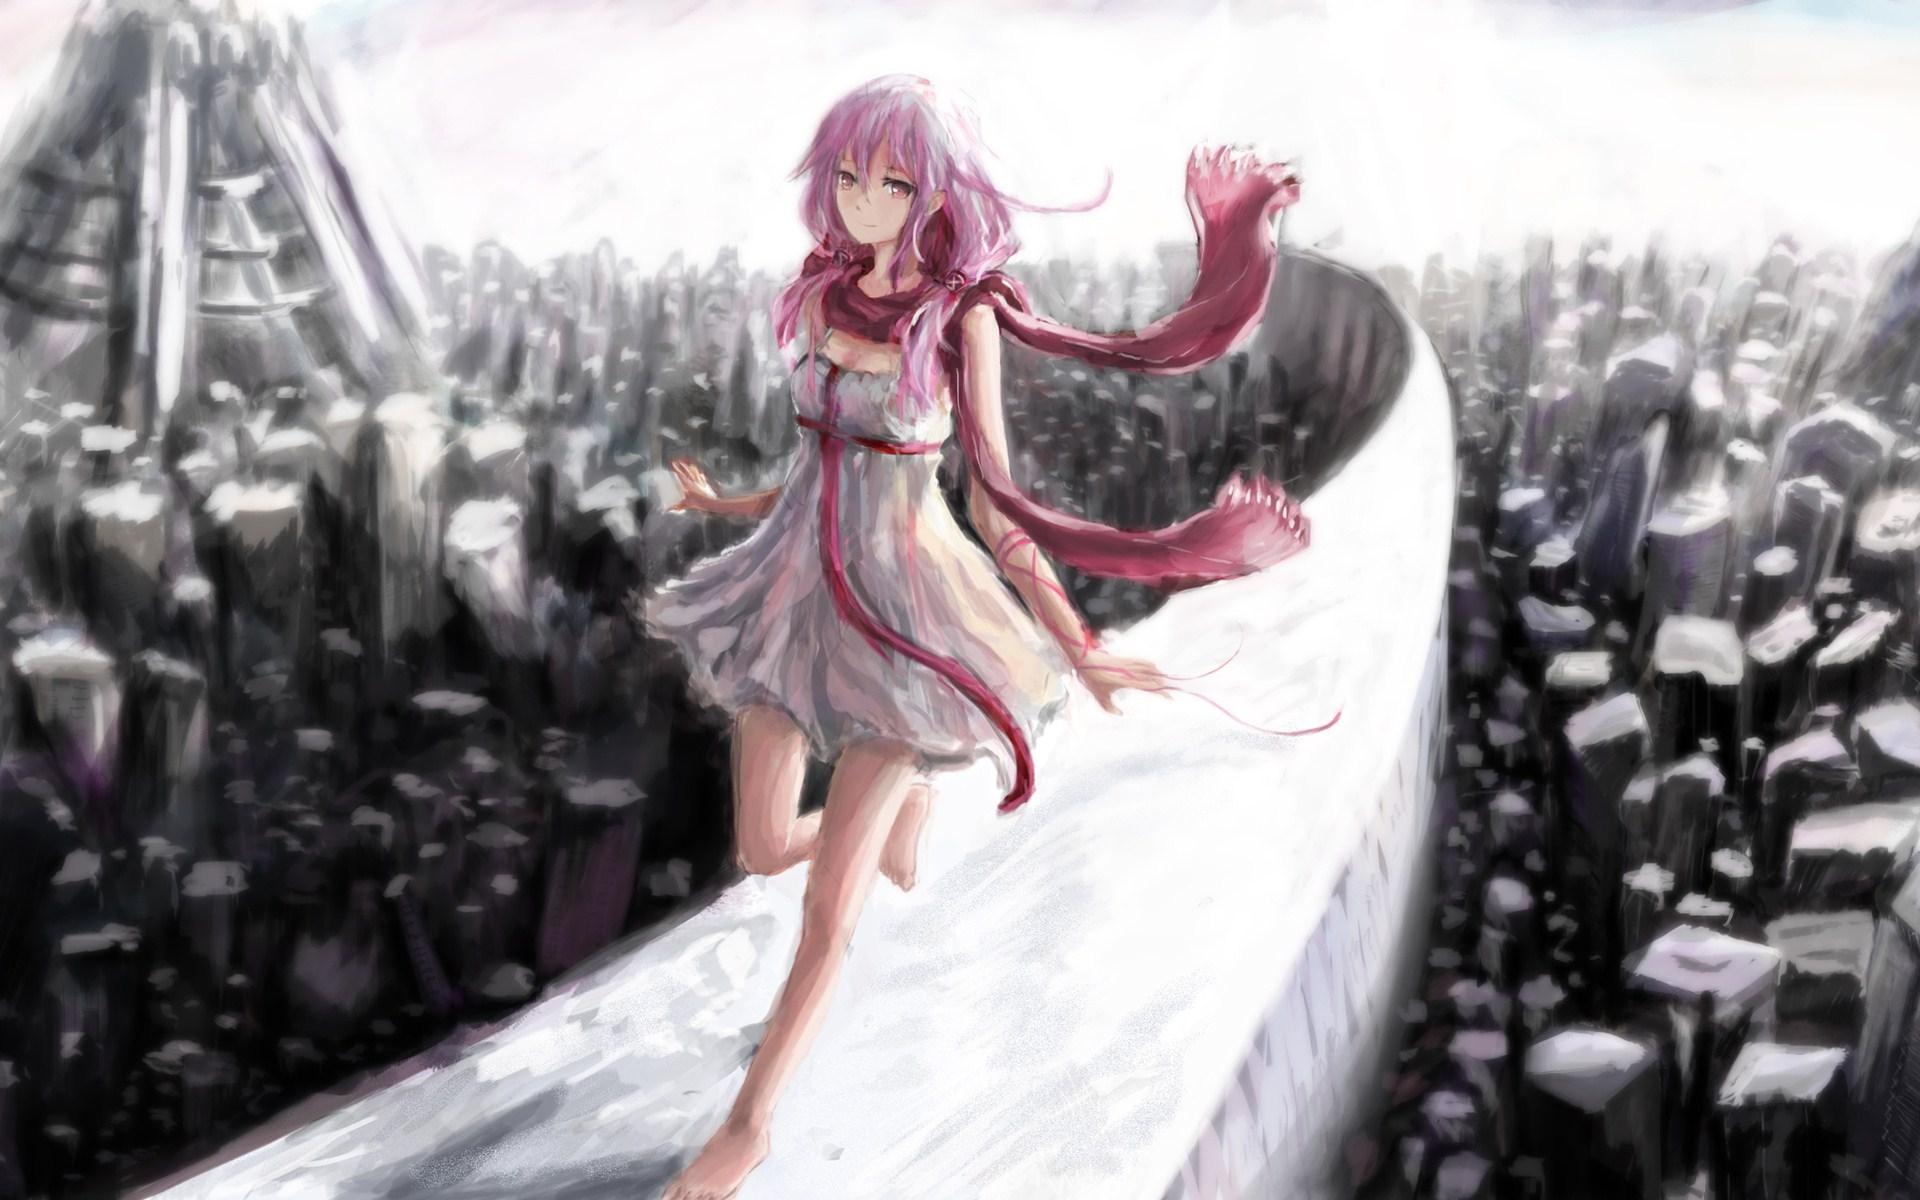 Lovely Anime Girl